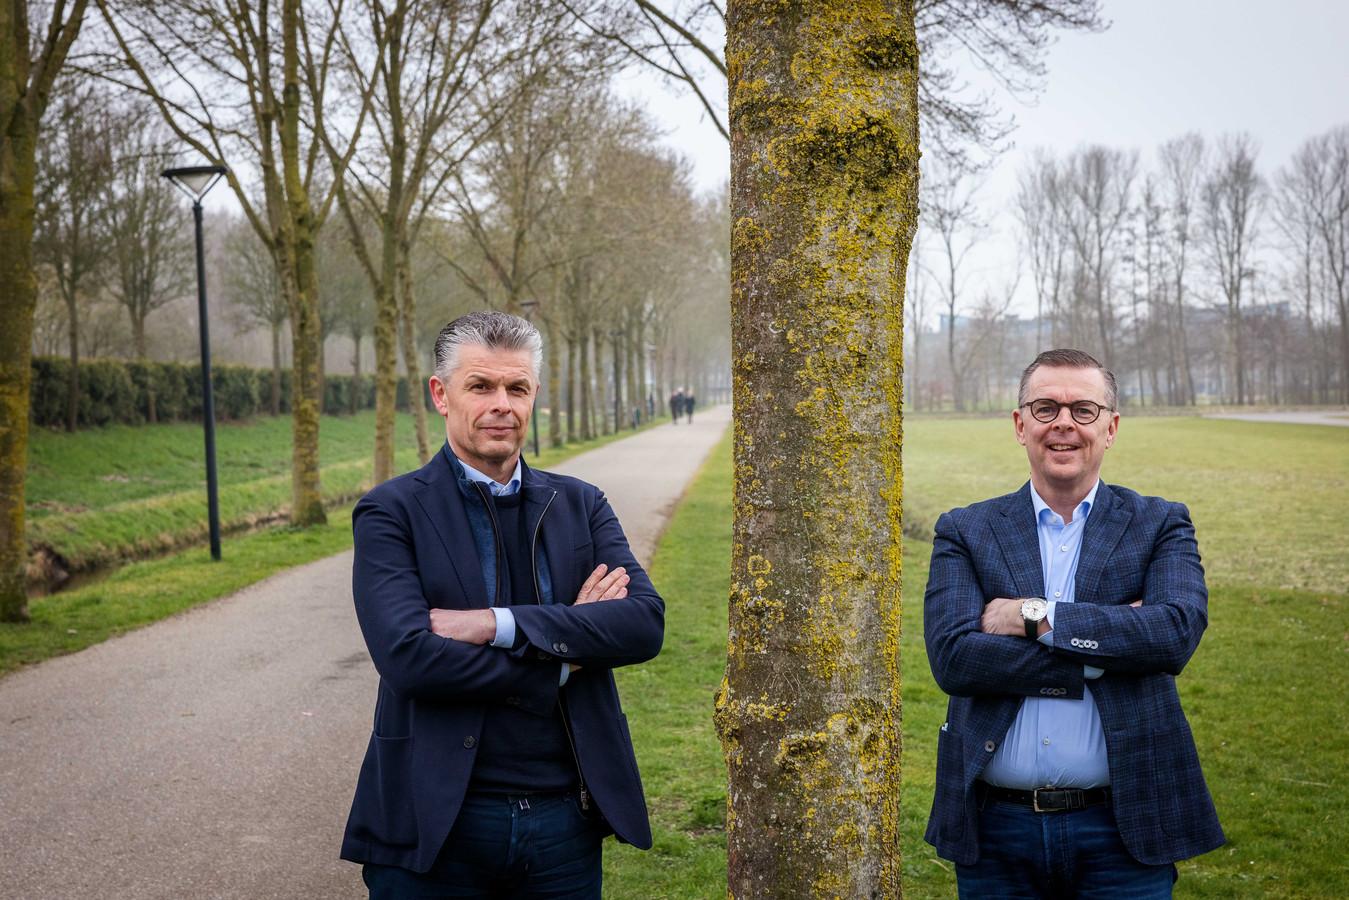 Rien (l) en Kees Heutink van het jubilerende bouwbedrijf uit Genemuiden, dat honderd jaar bestaat en dus honderd bomen schenkt aan de gemeente Zwartewaterland.